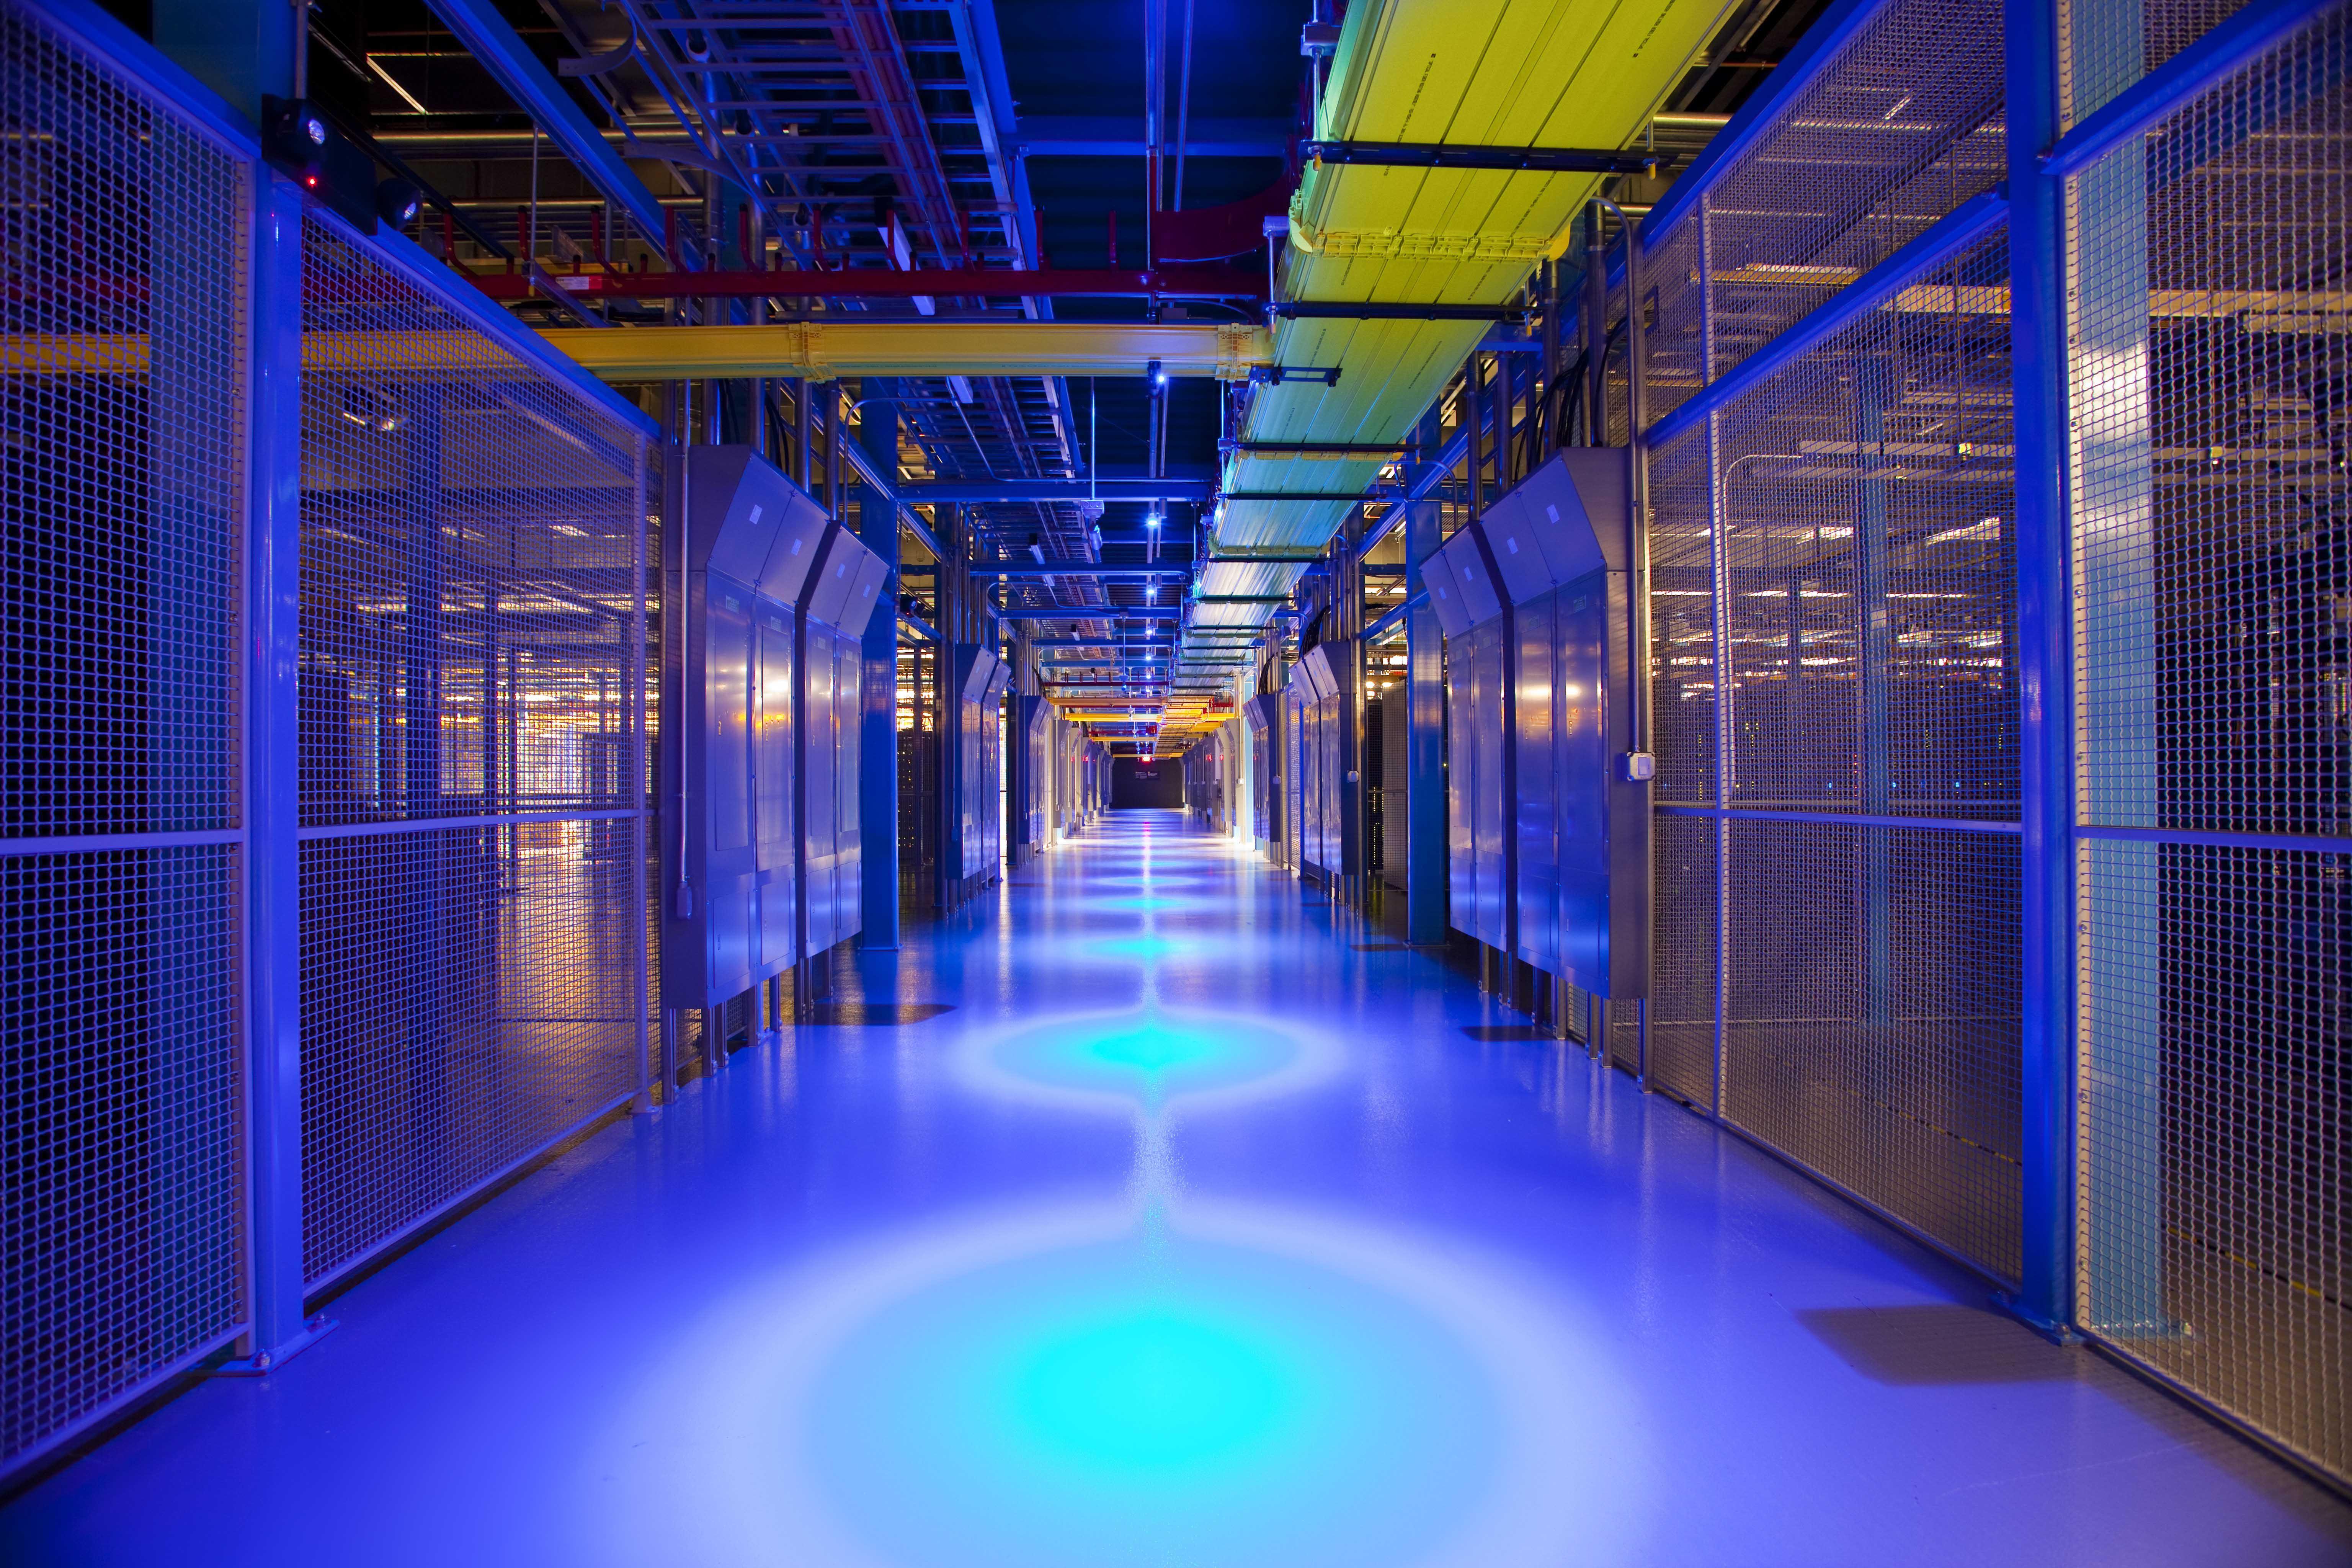 Equinix's data center in San Jose, Calif.